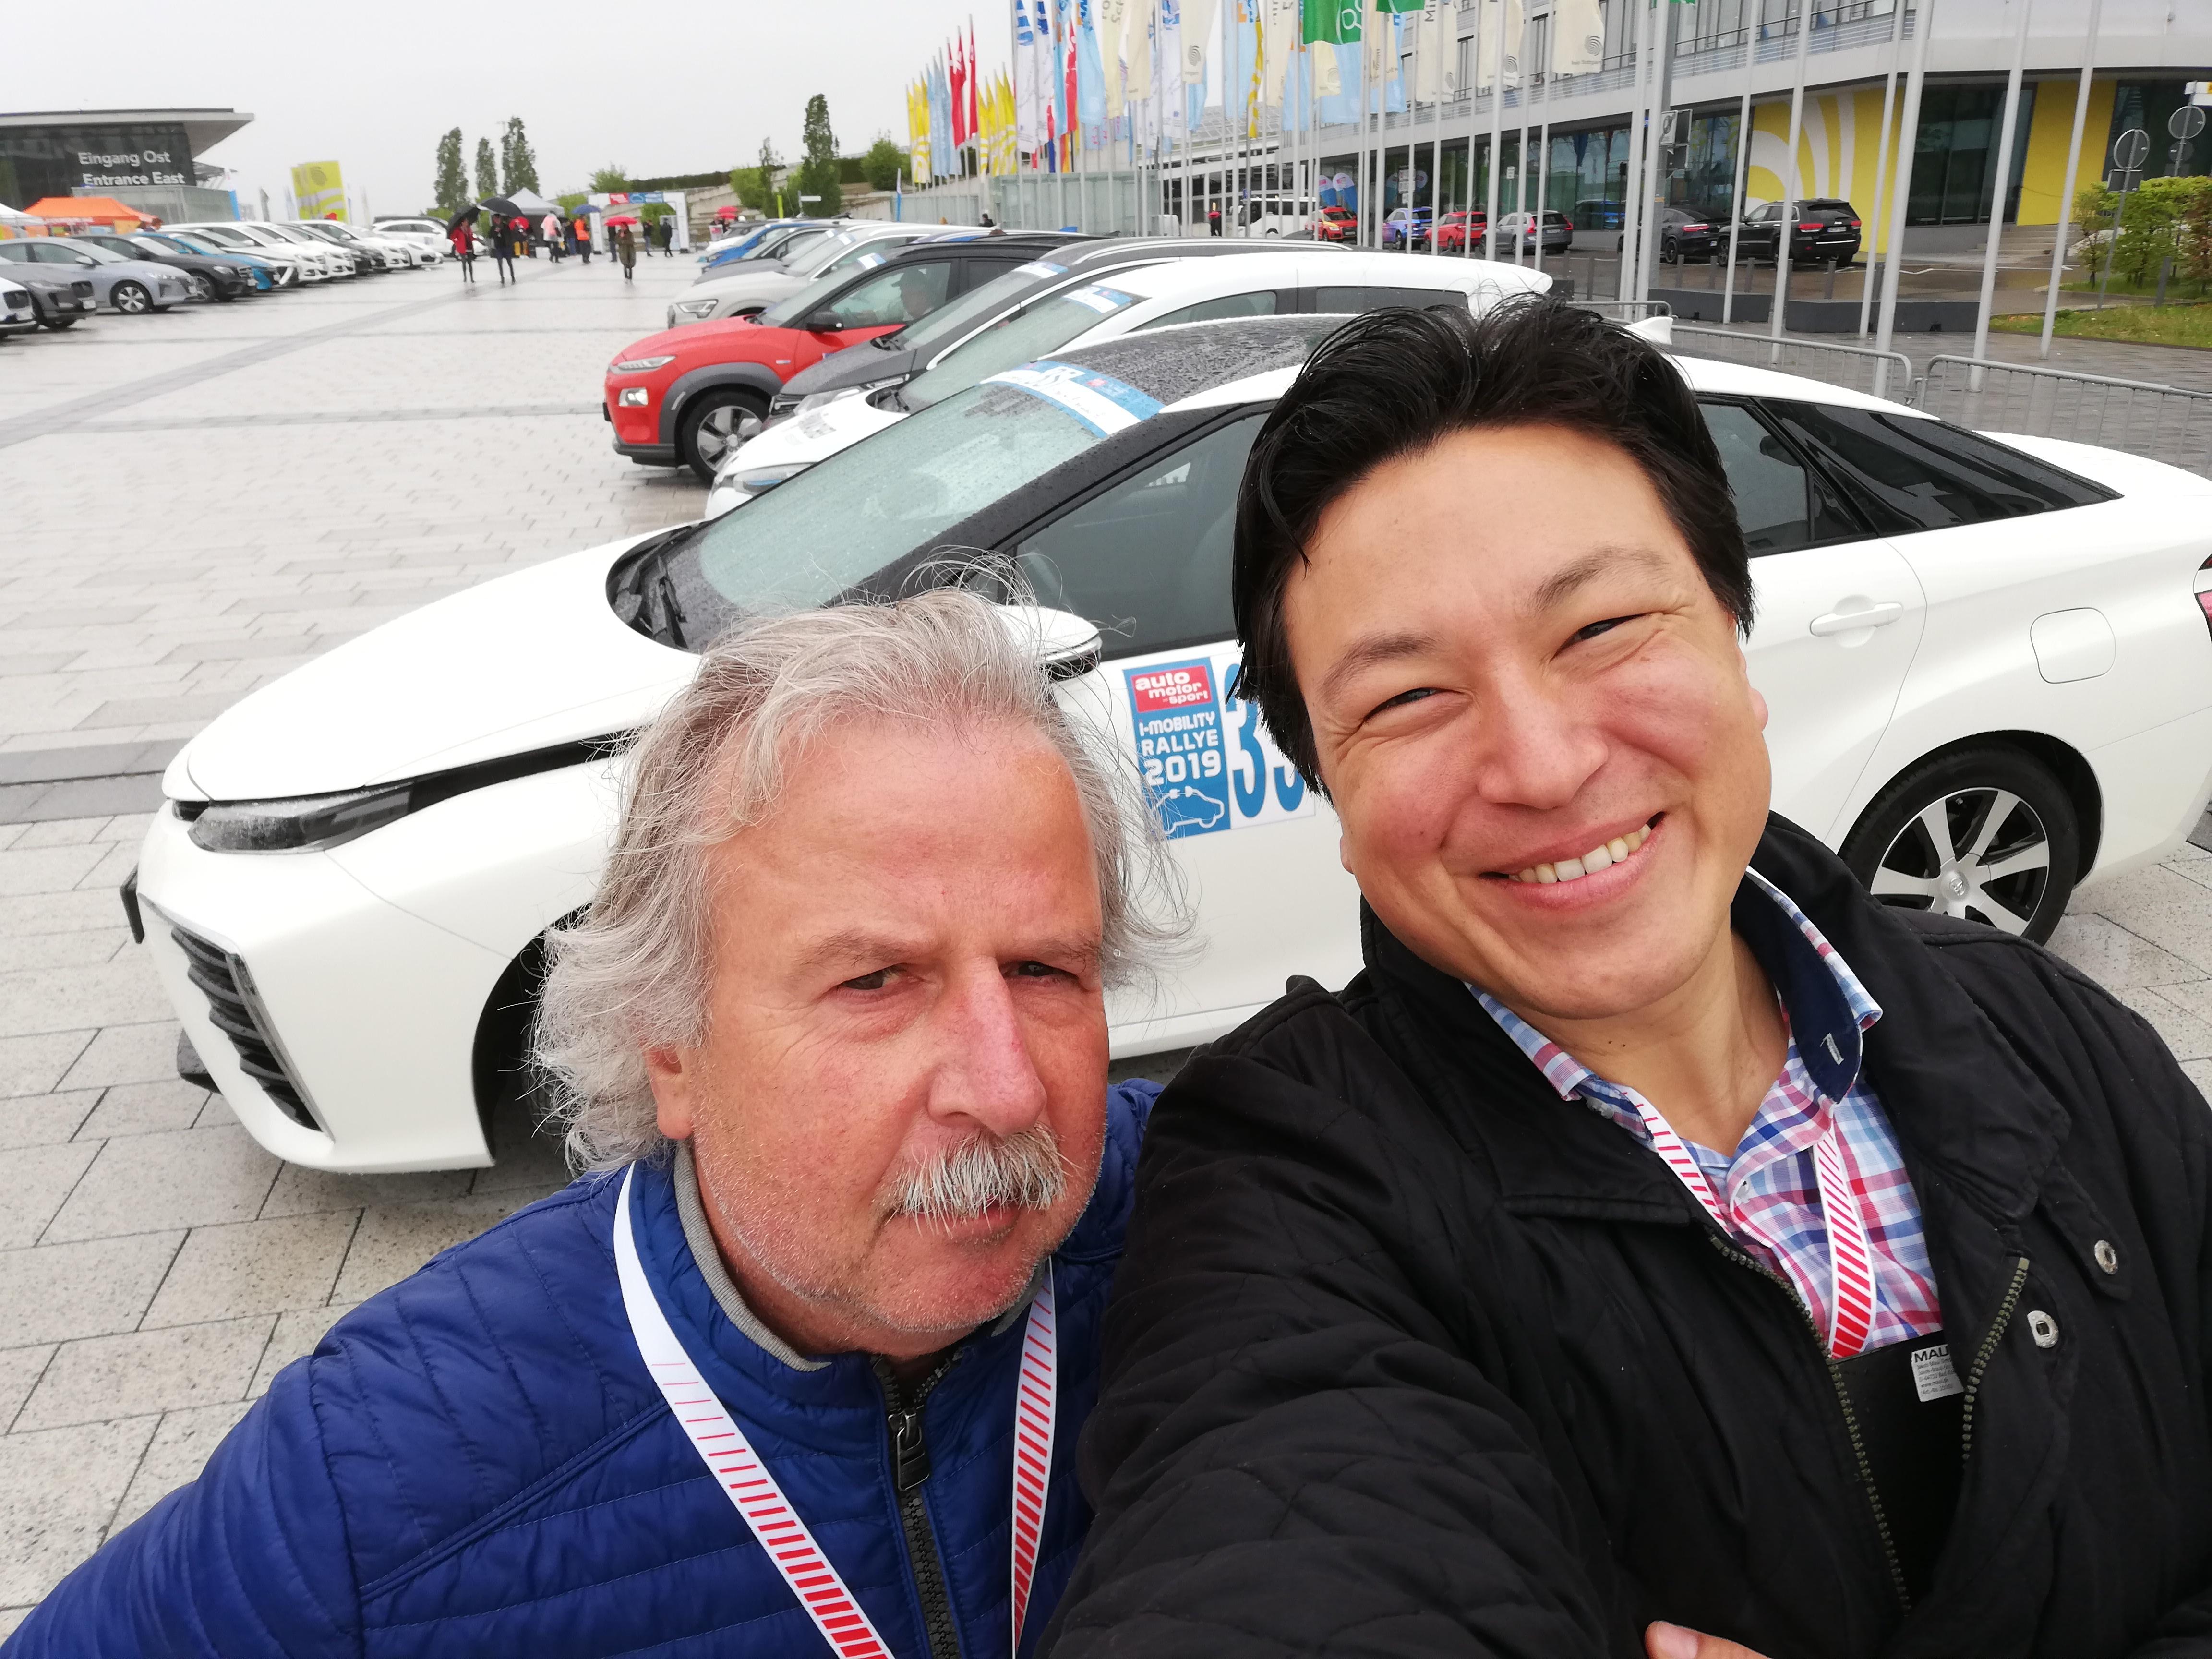 IMG_20190426_1003_i mobility rallye stuttgart_mortimer hydrochan bernd scheffel mirai